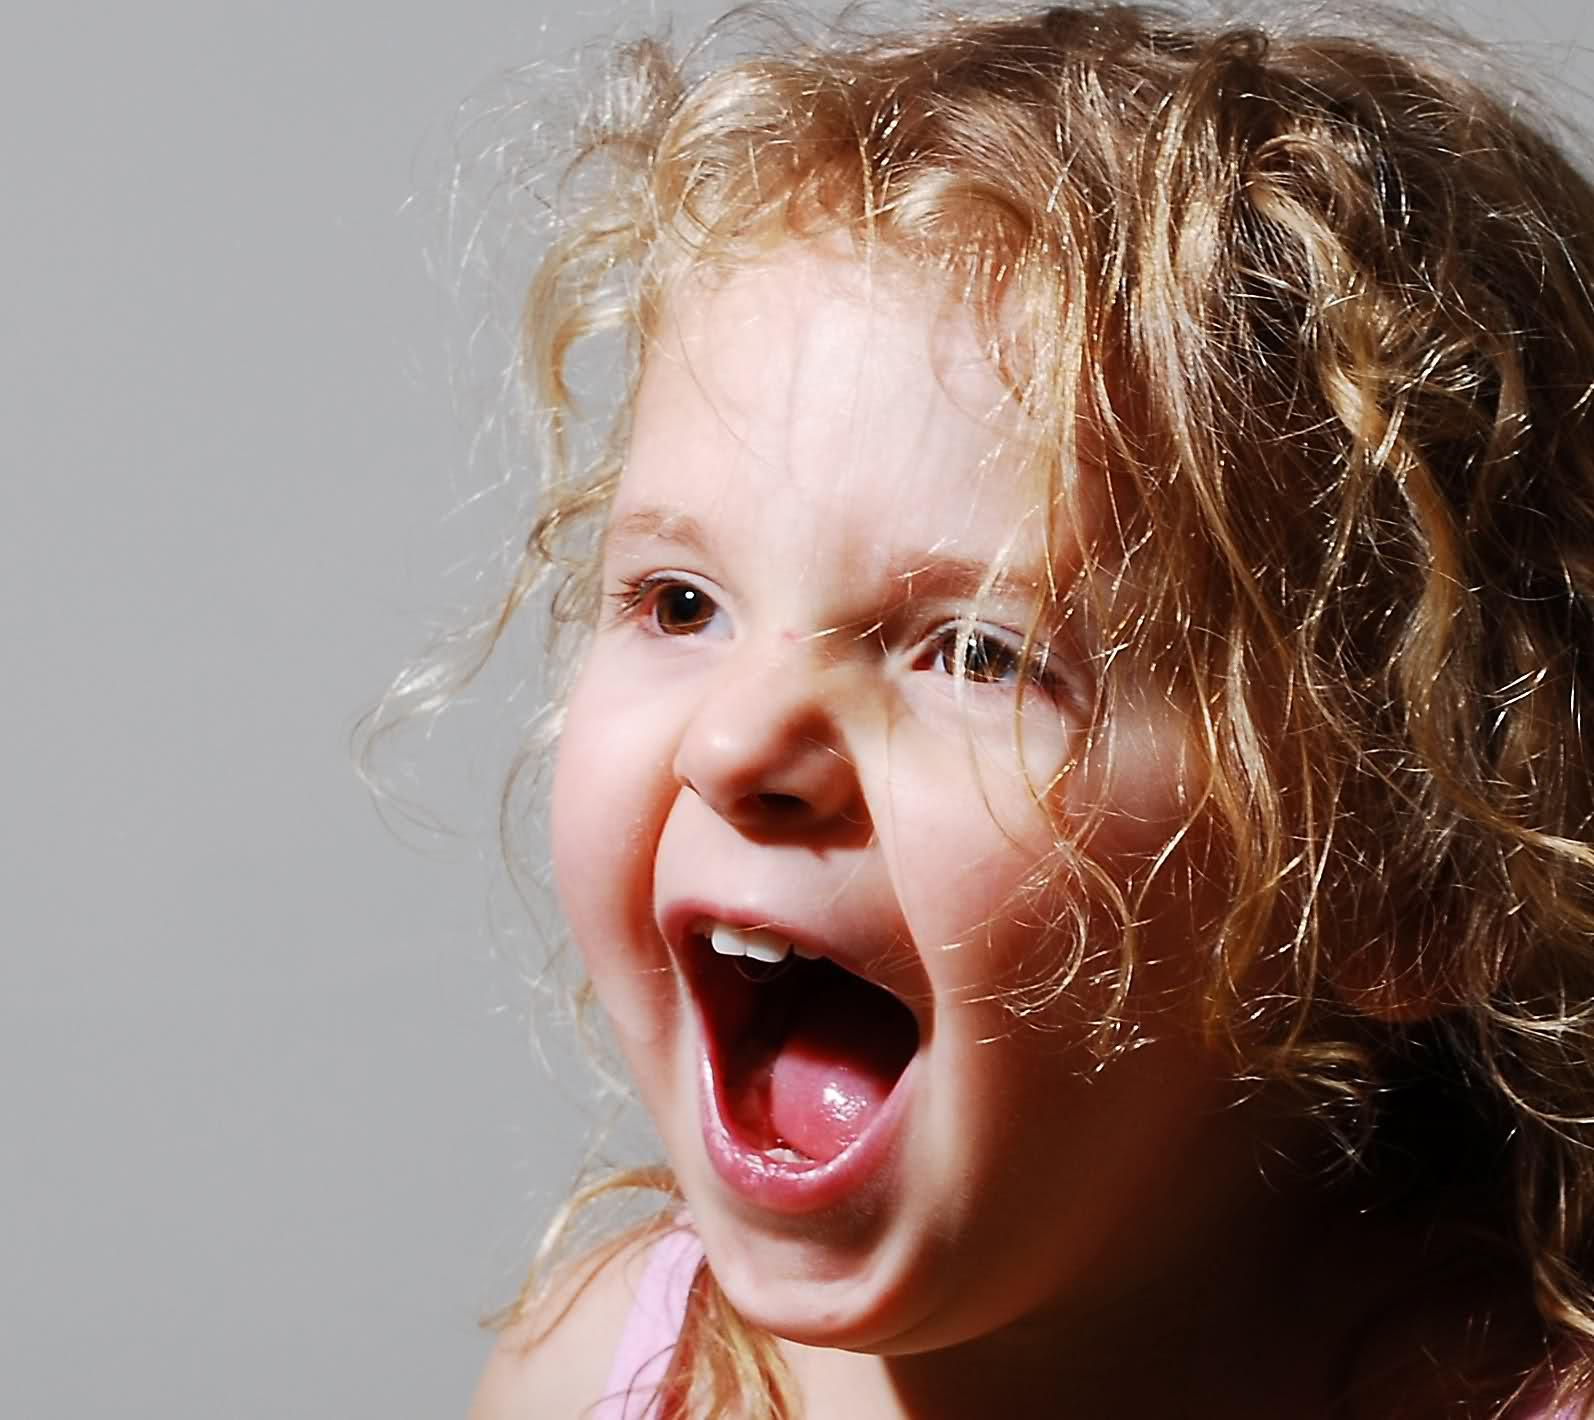 дочь кричит